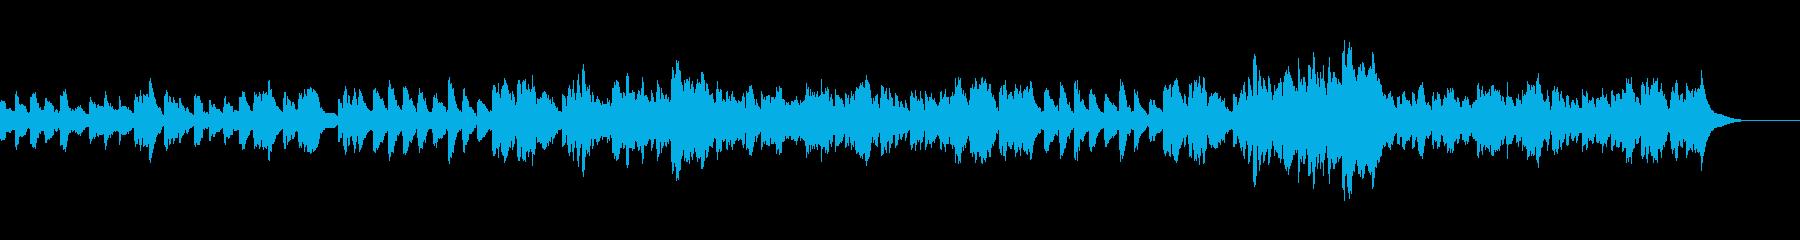 主よ人の望みの〜マイナーver.セレスタの再生済みの波形